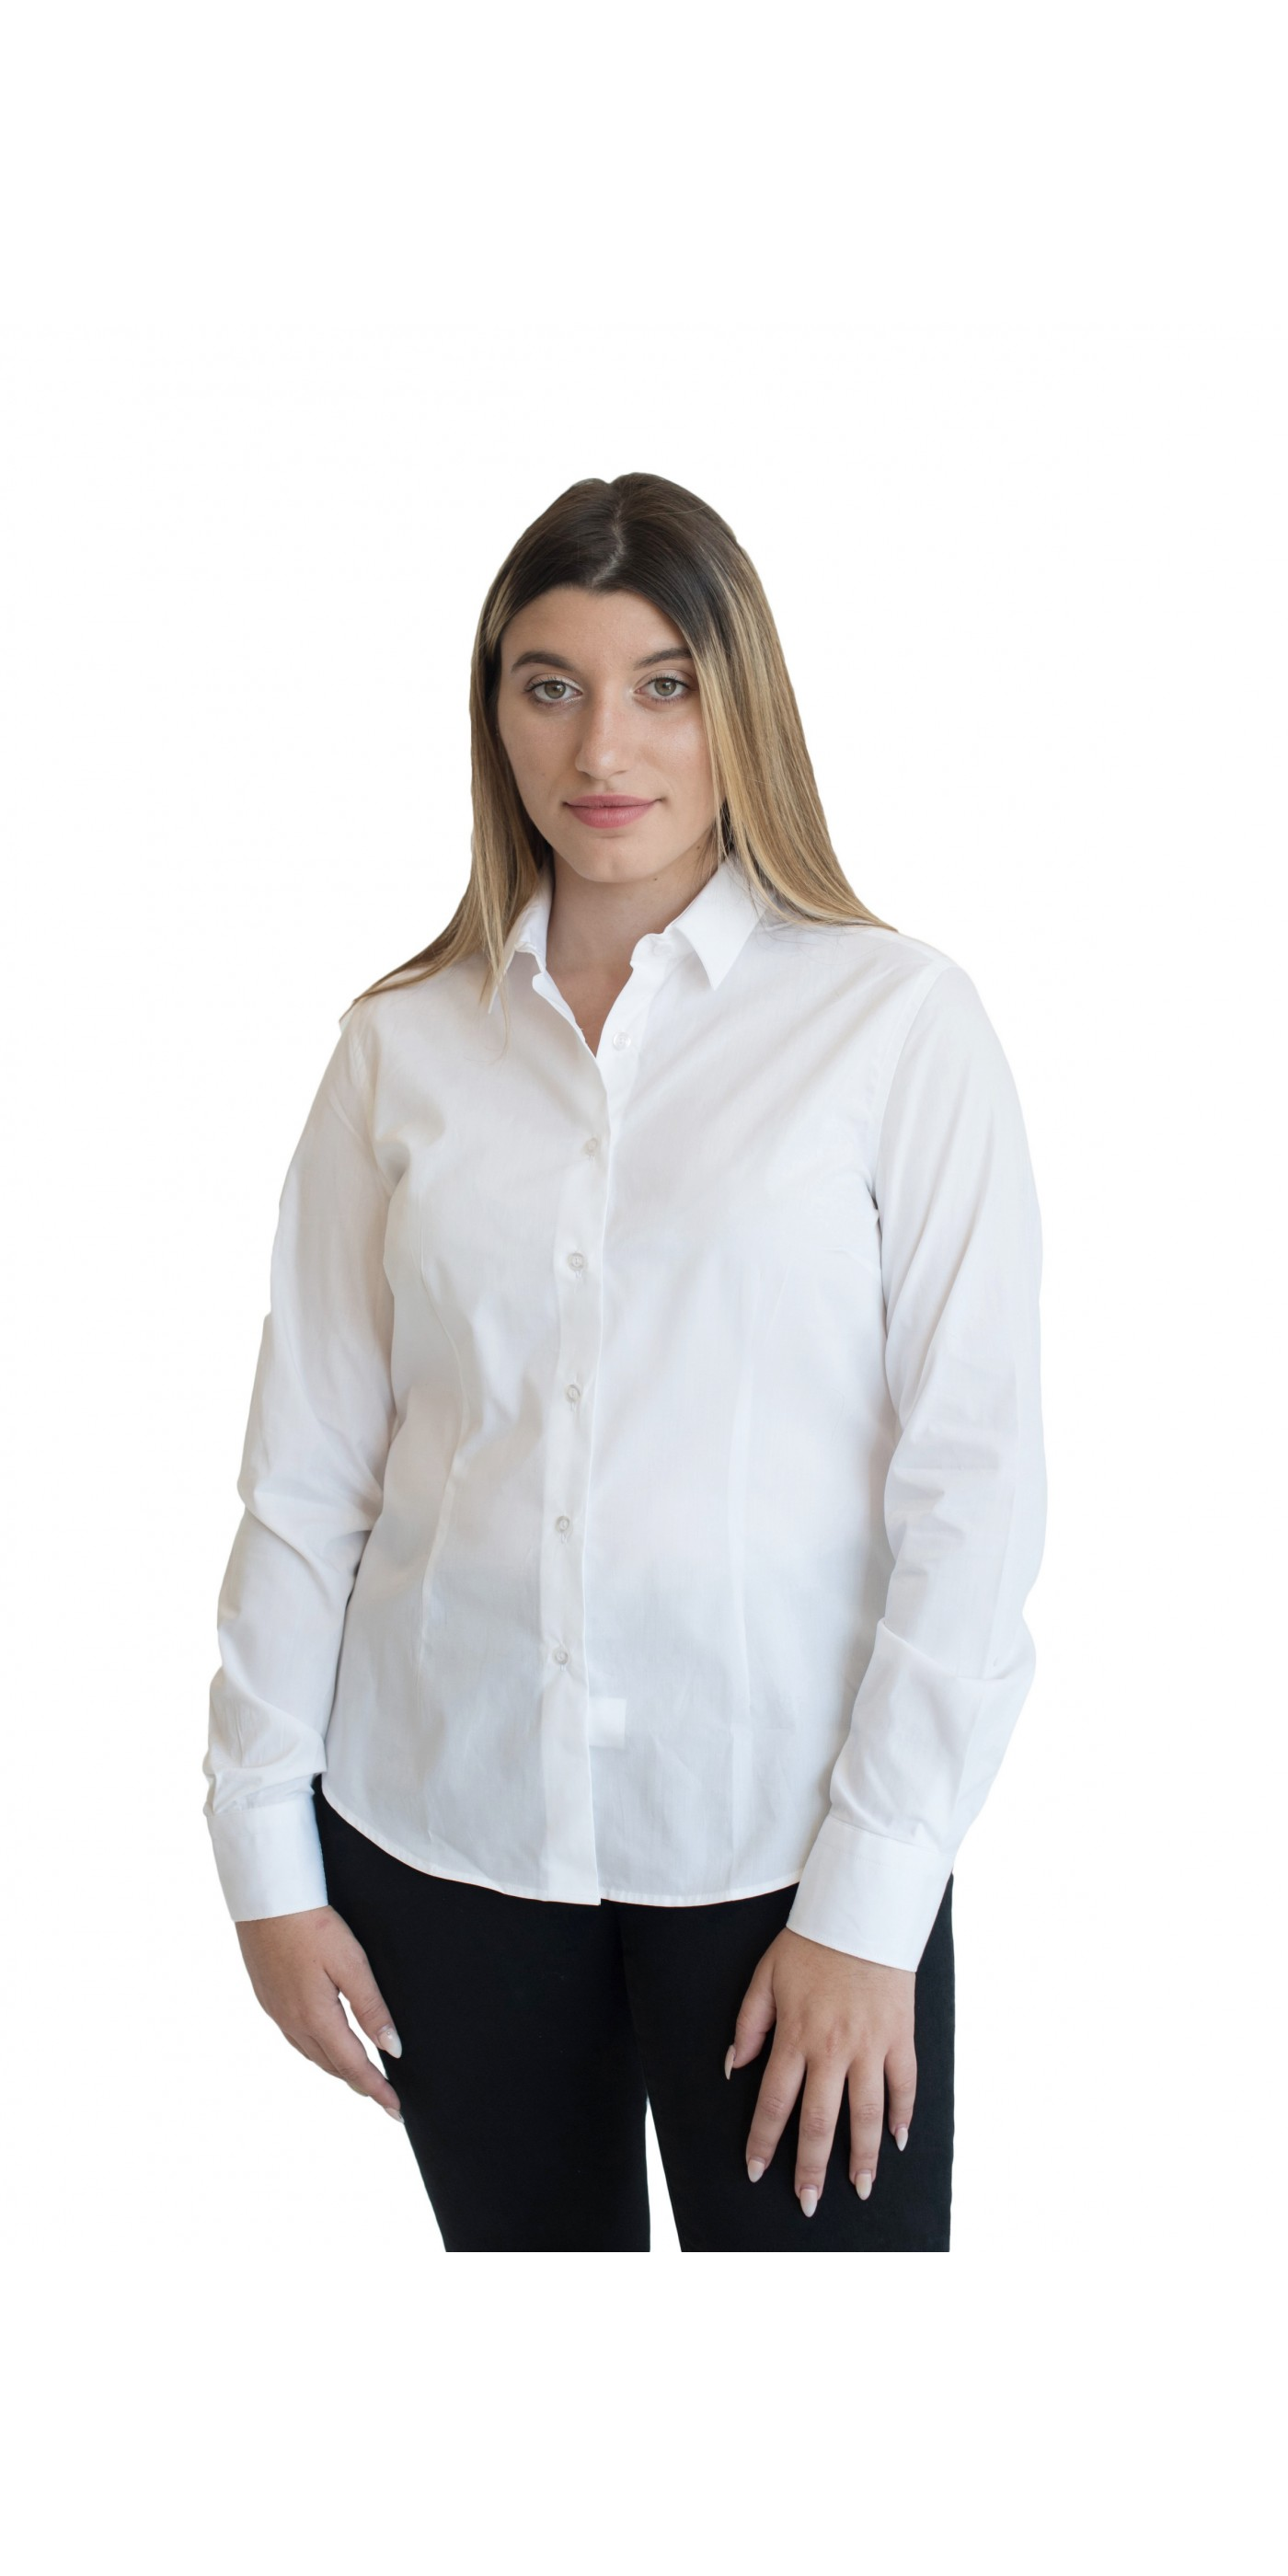 b8abb948663d Γυναικείο Πουκάμισο Λευκό - RAFFAELA. Loading zoom